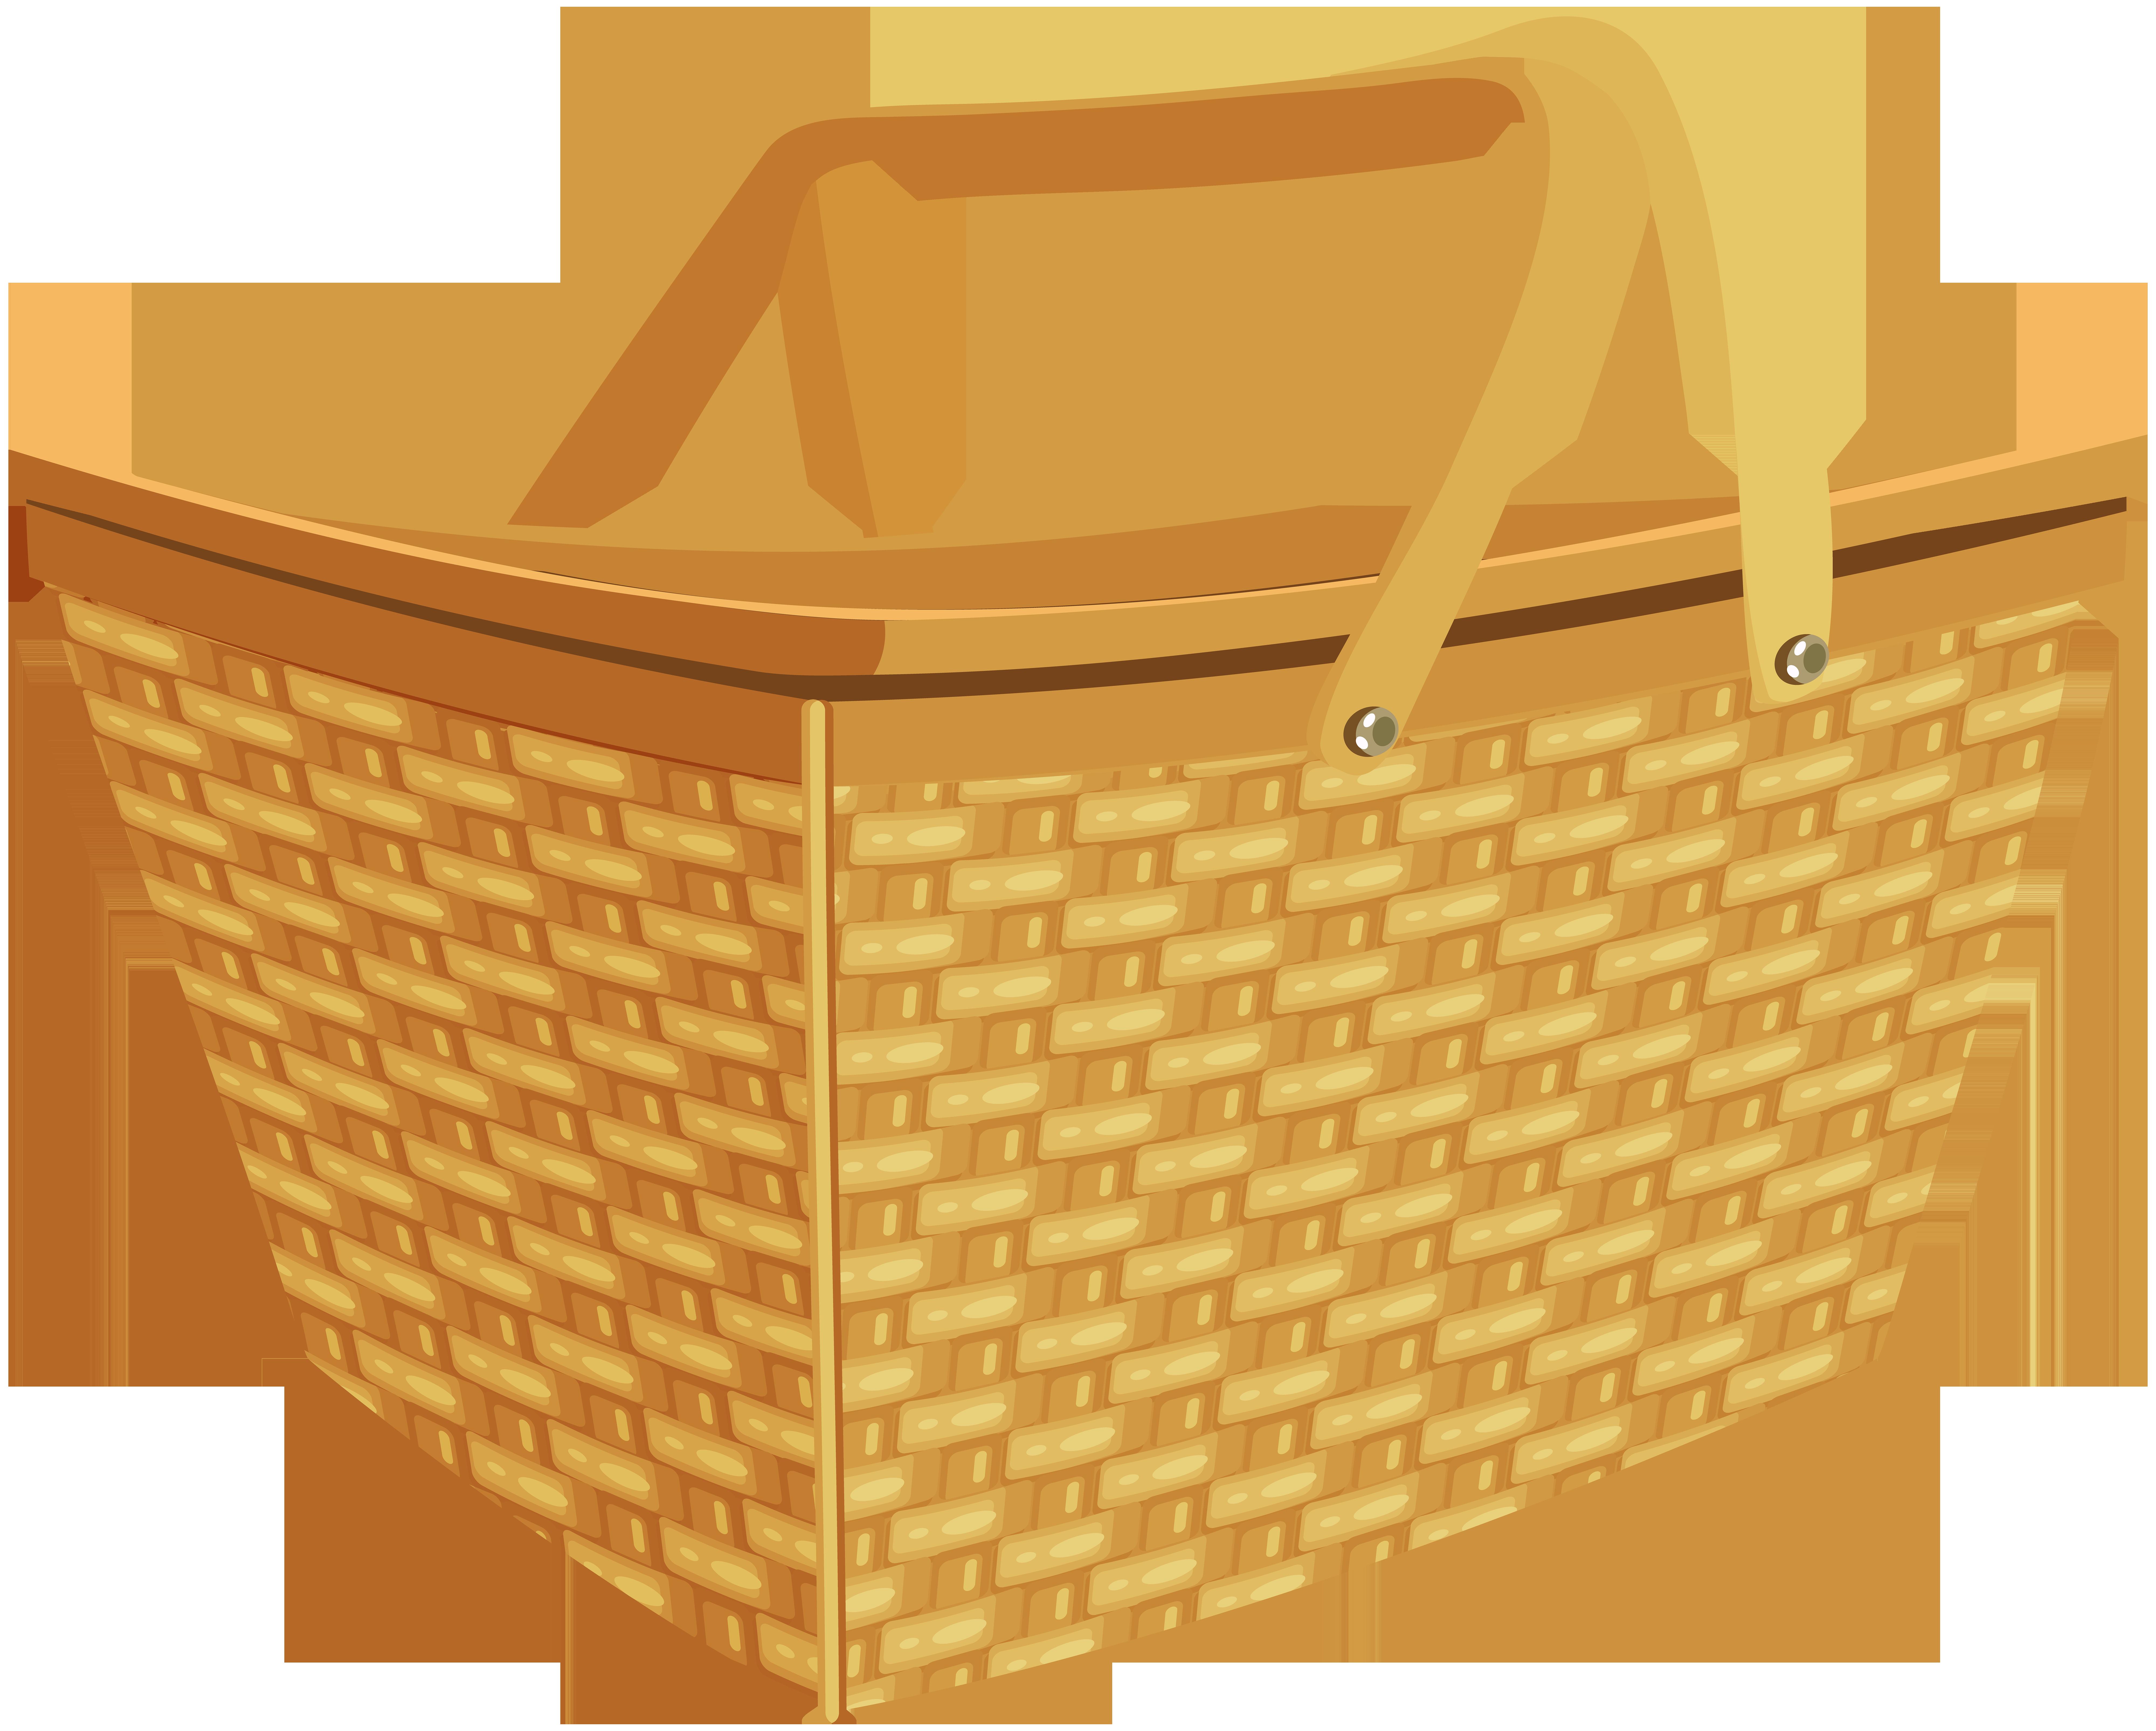 Picnic clipart picnic basket. Png clip art image